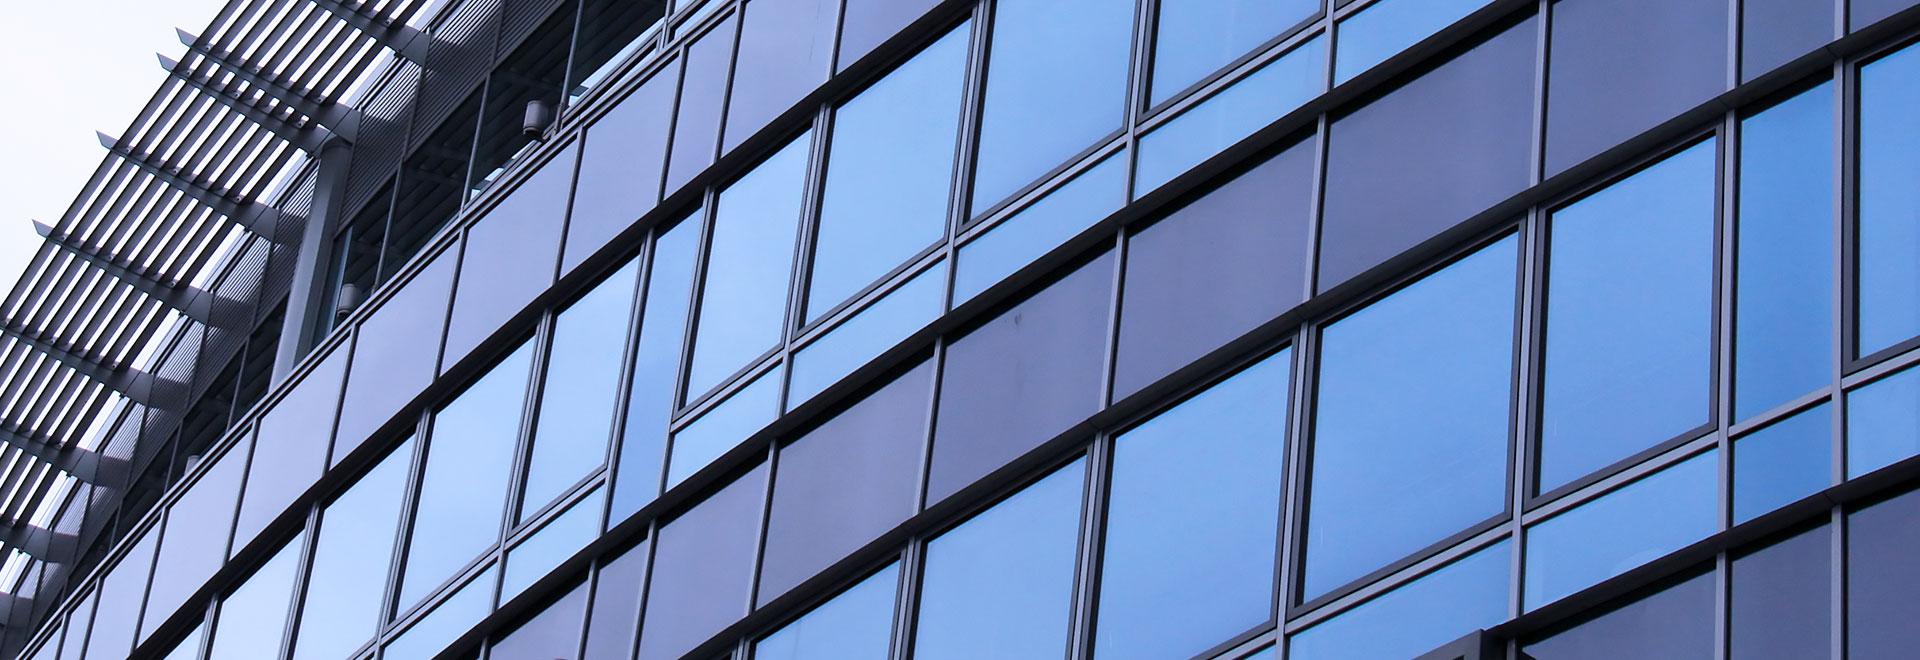 Walter Vögele GmbH in Freiburg: moderne Fassadenverkleidung